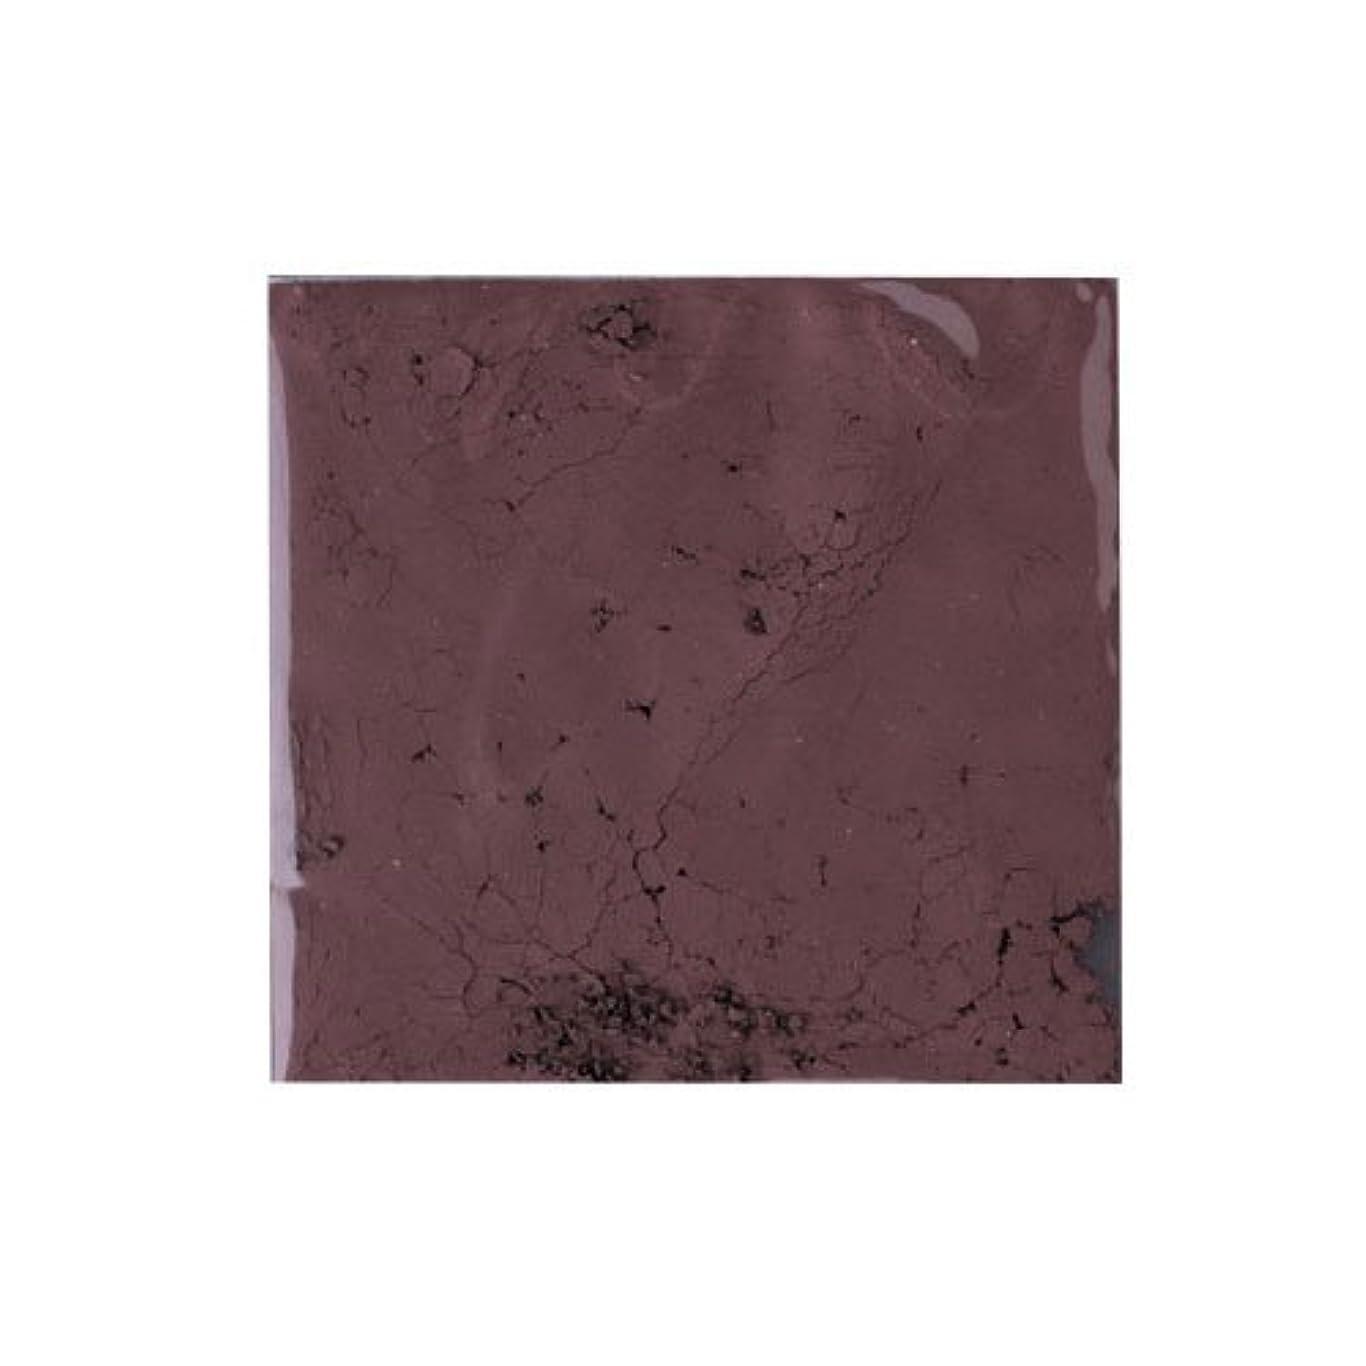 出撃者手術きしむピカエース ネイル用パウダー ピカエース カラーパウダー 着色顔料 #785 チョコレートブラウン 2g アート材